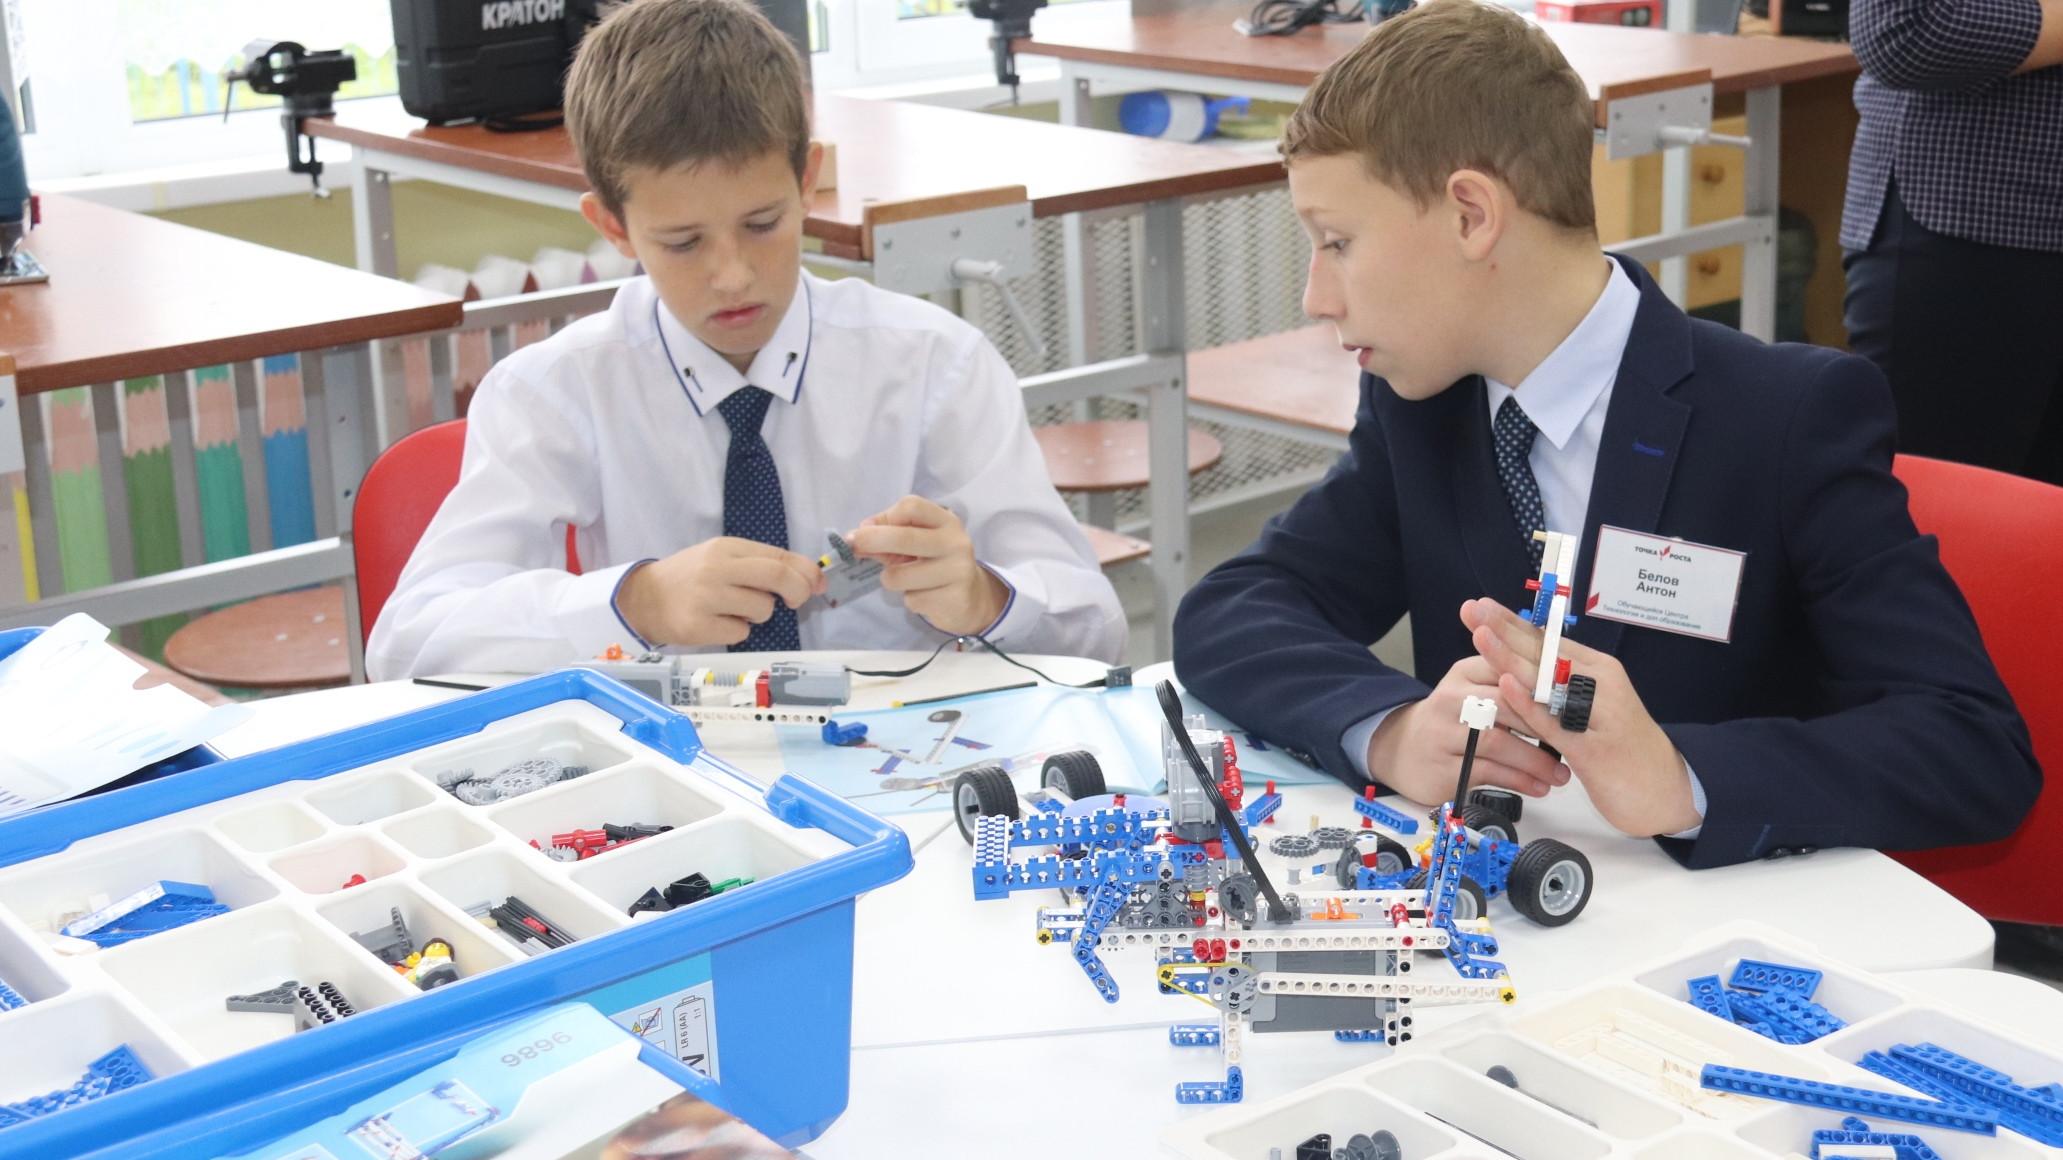 Почти 500 центров «Точка роста» откроются на базе всех сельских школ до 2025 года